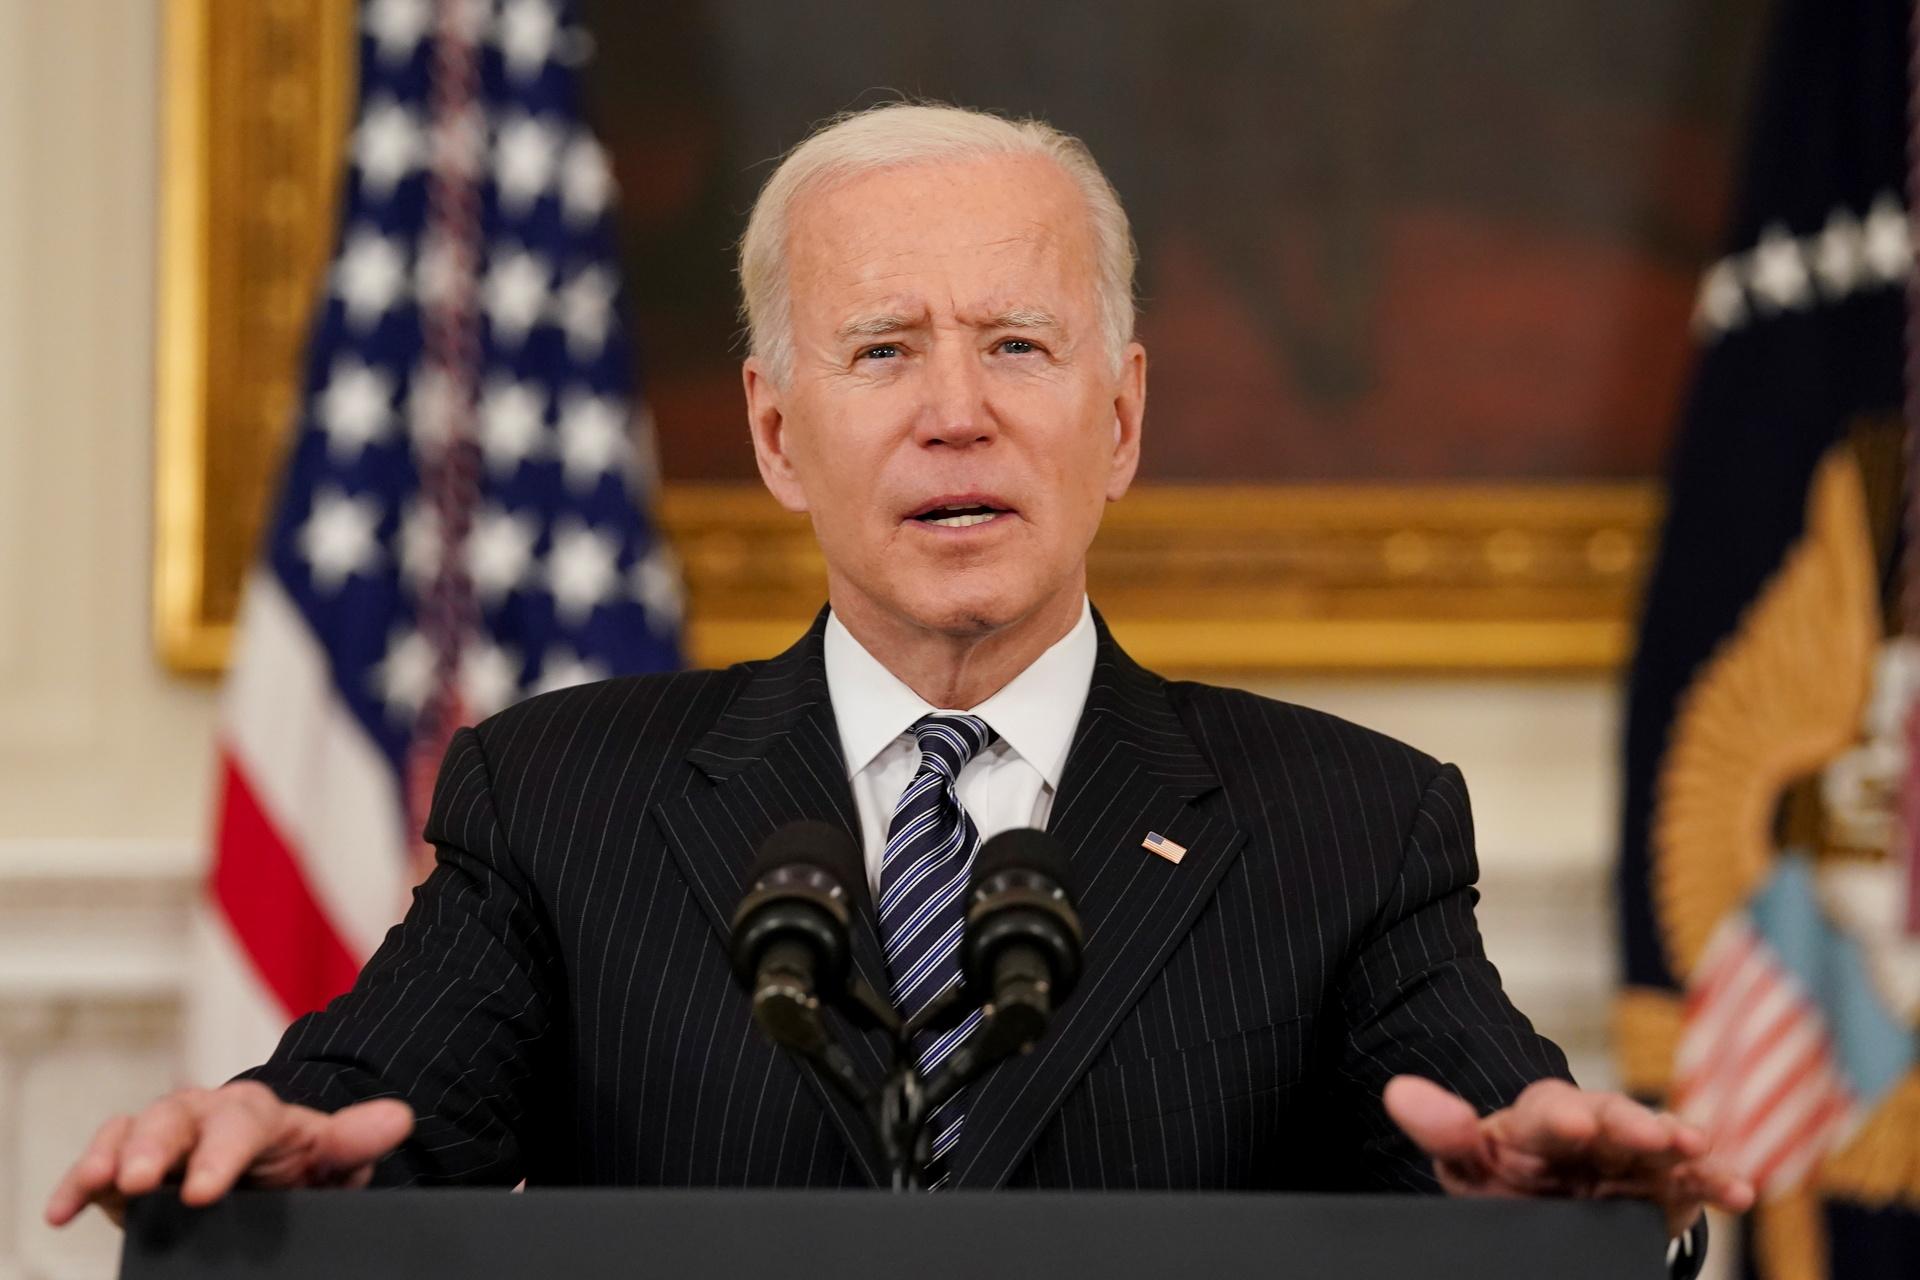 606daa9b02e8bd06e643f5c2 «Перепрошивка сознания»: американская НКО собирается привлекать украинскую молодёжь в политику